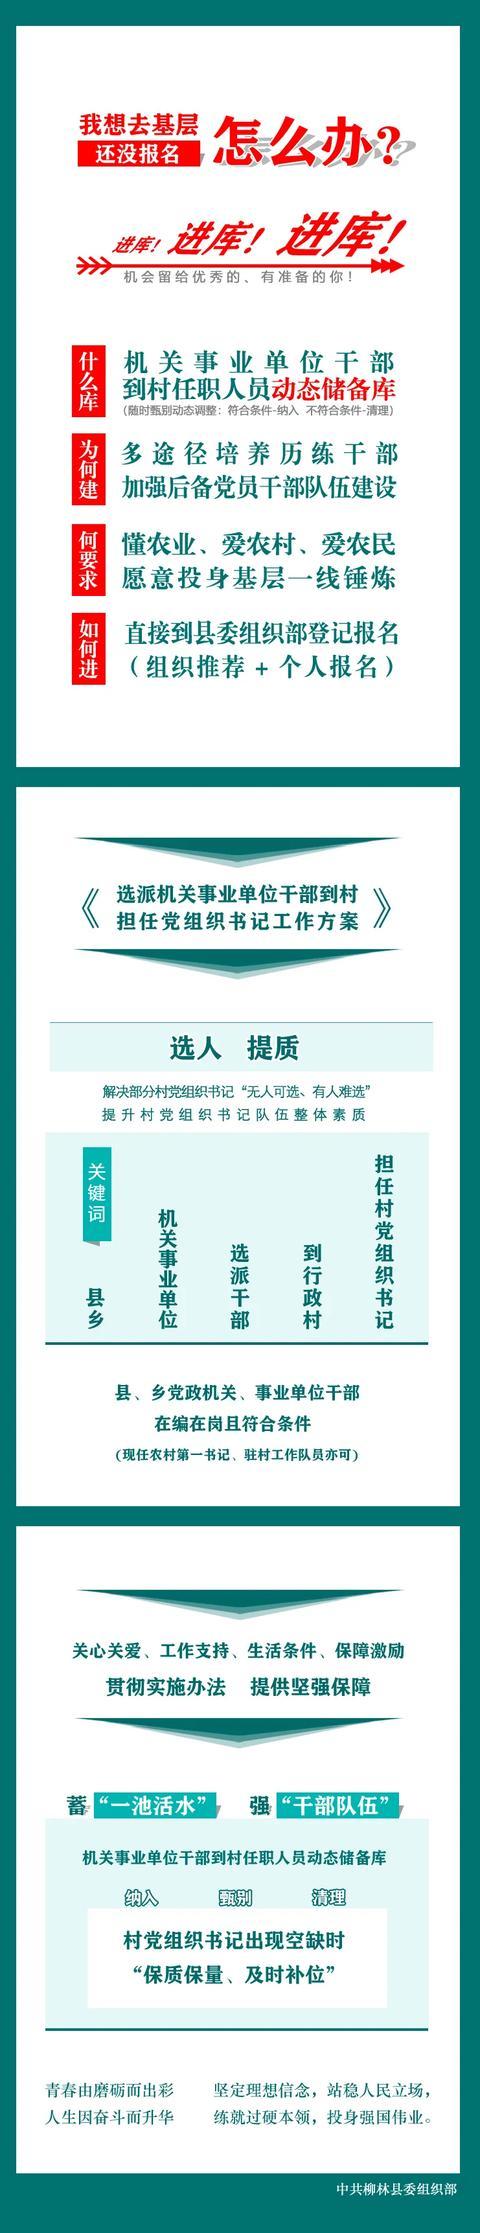 黄河新闻网吕梁频道前排入座,抢看柳林县到村任职新动向